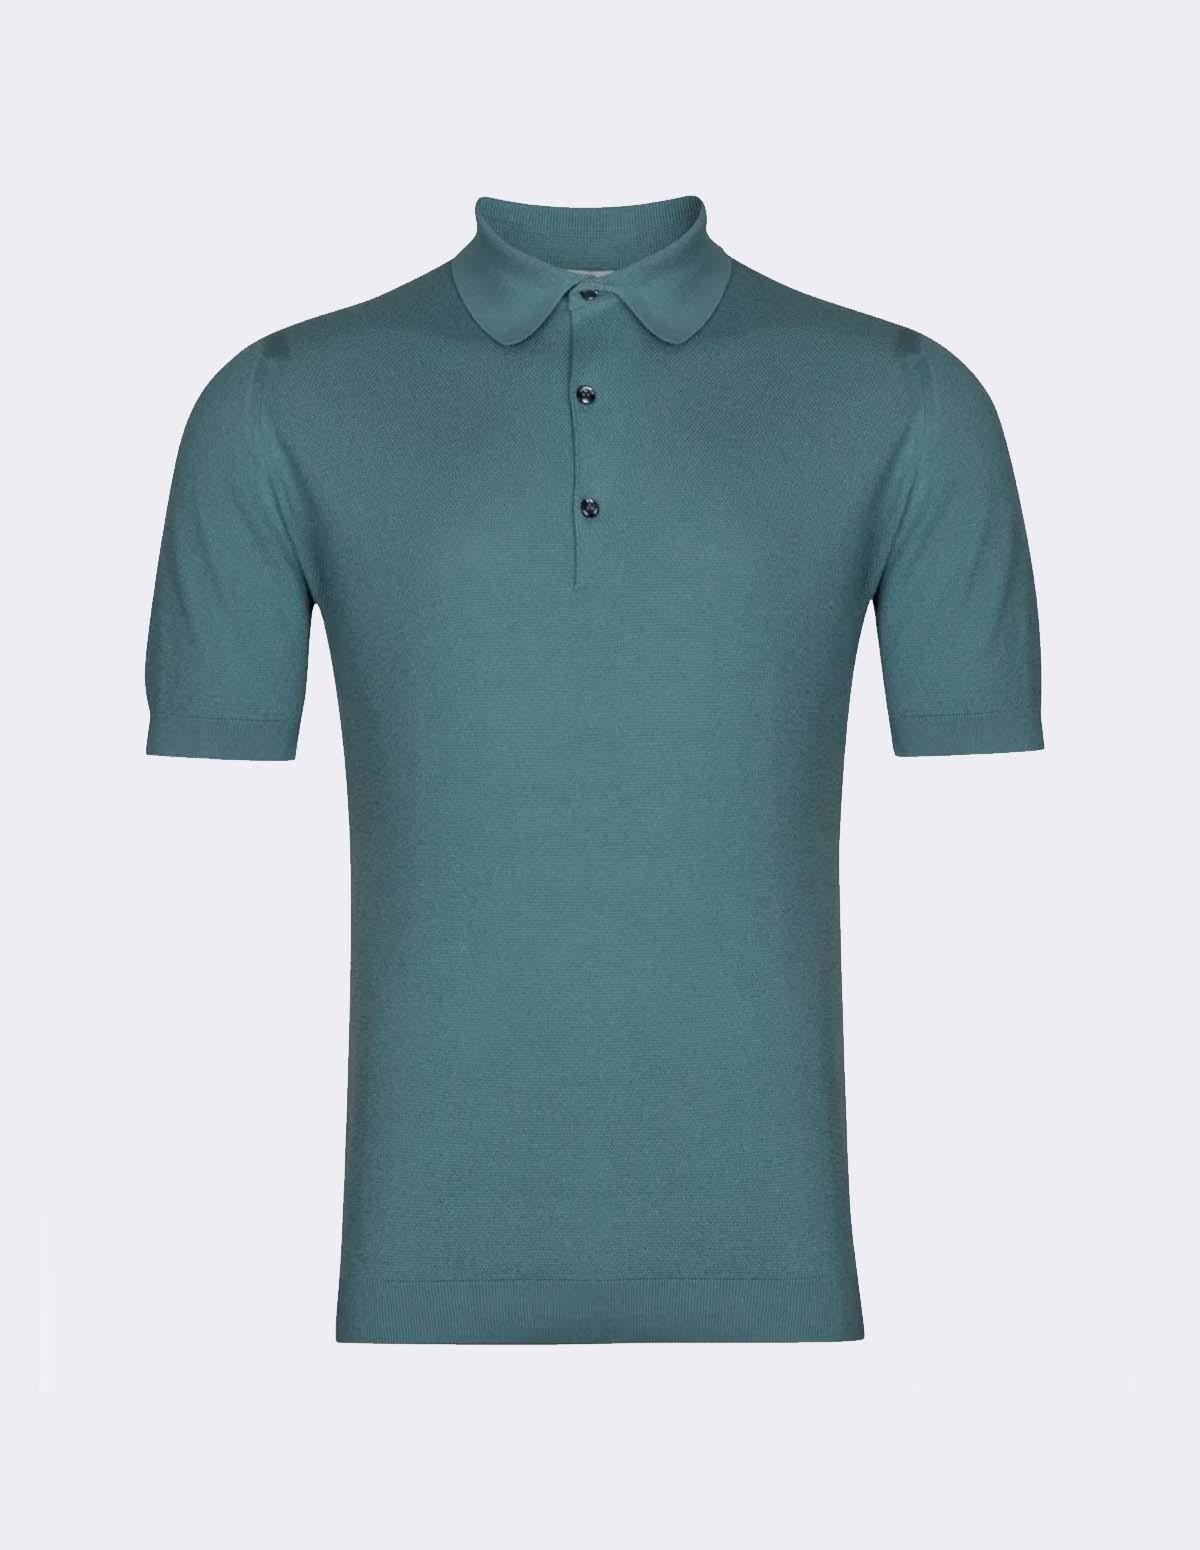 Roth Pique Shirt Ss - BLUE WASH